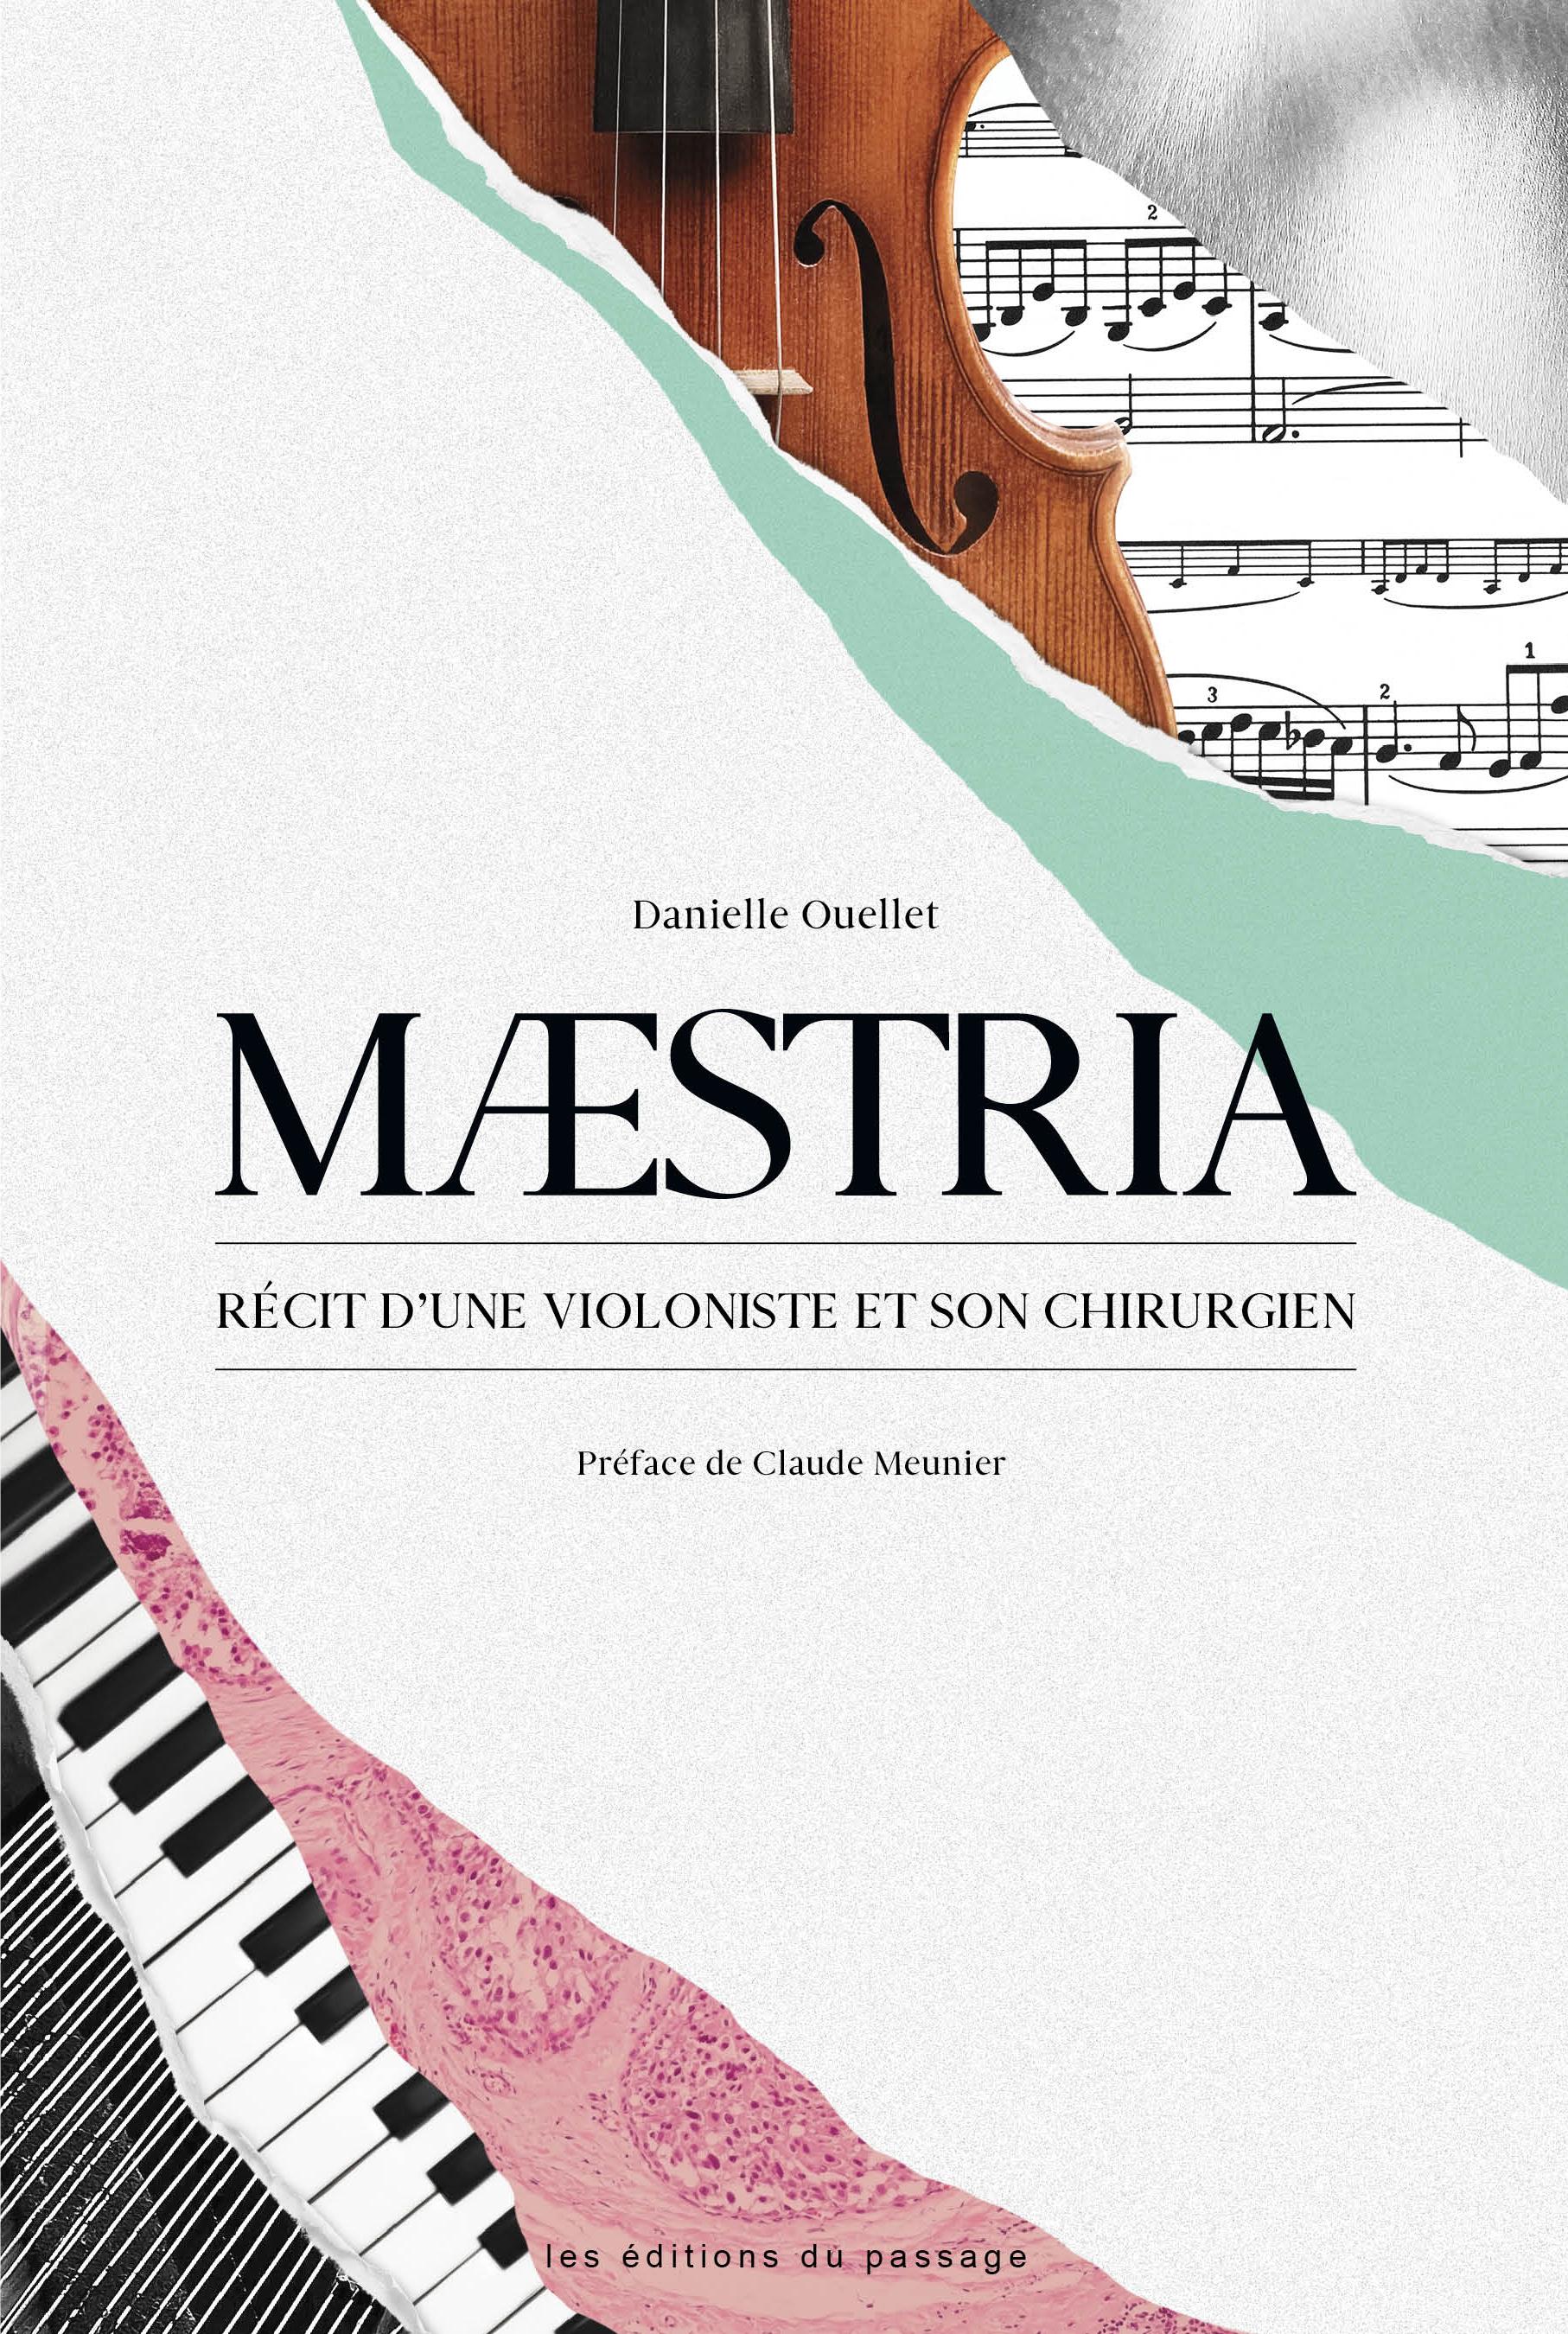 Cover_Maestria_livre de Danielle Ouellet